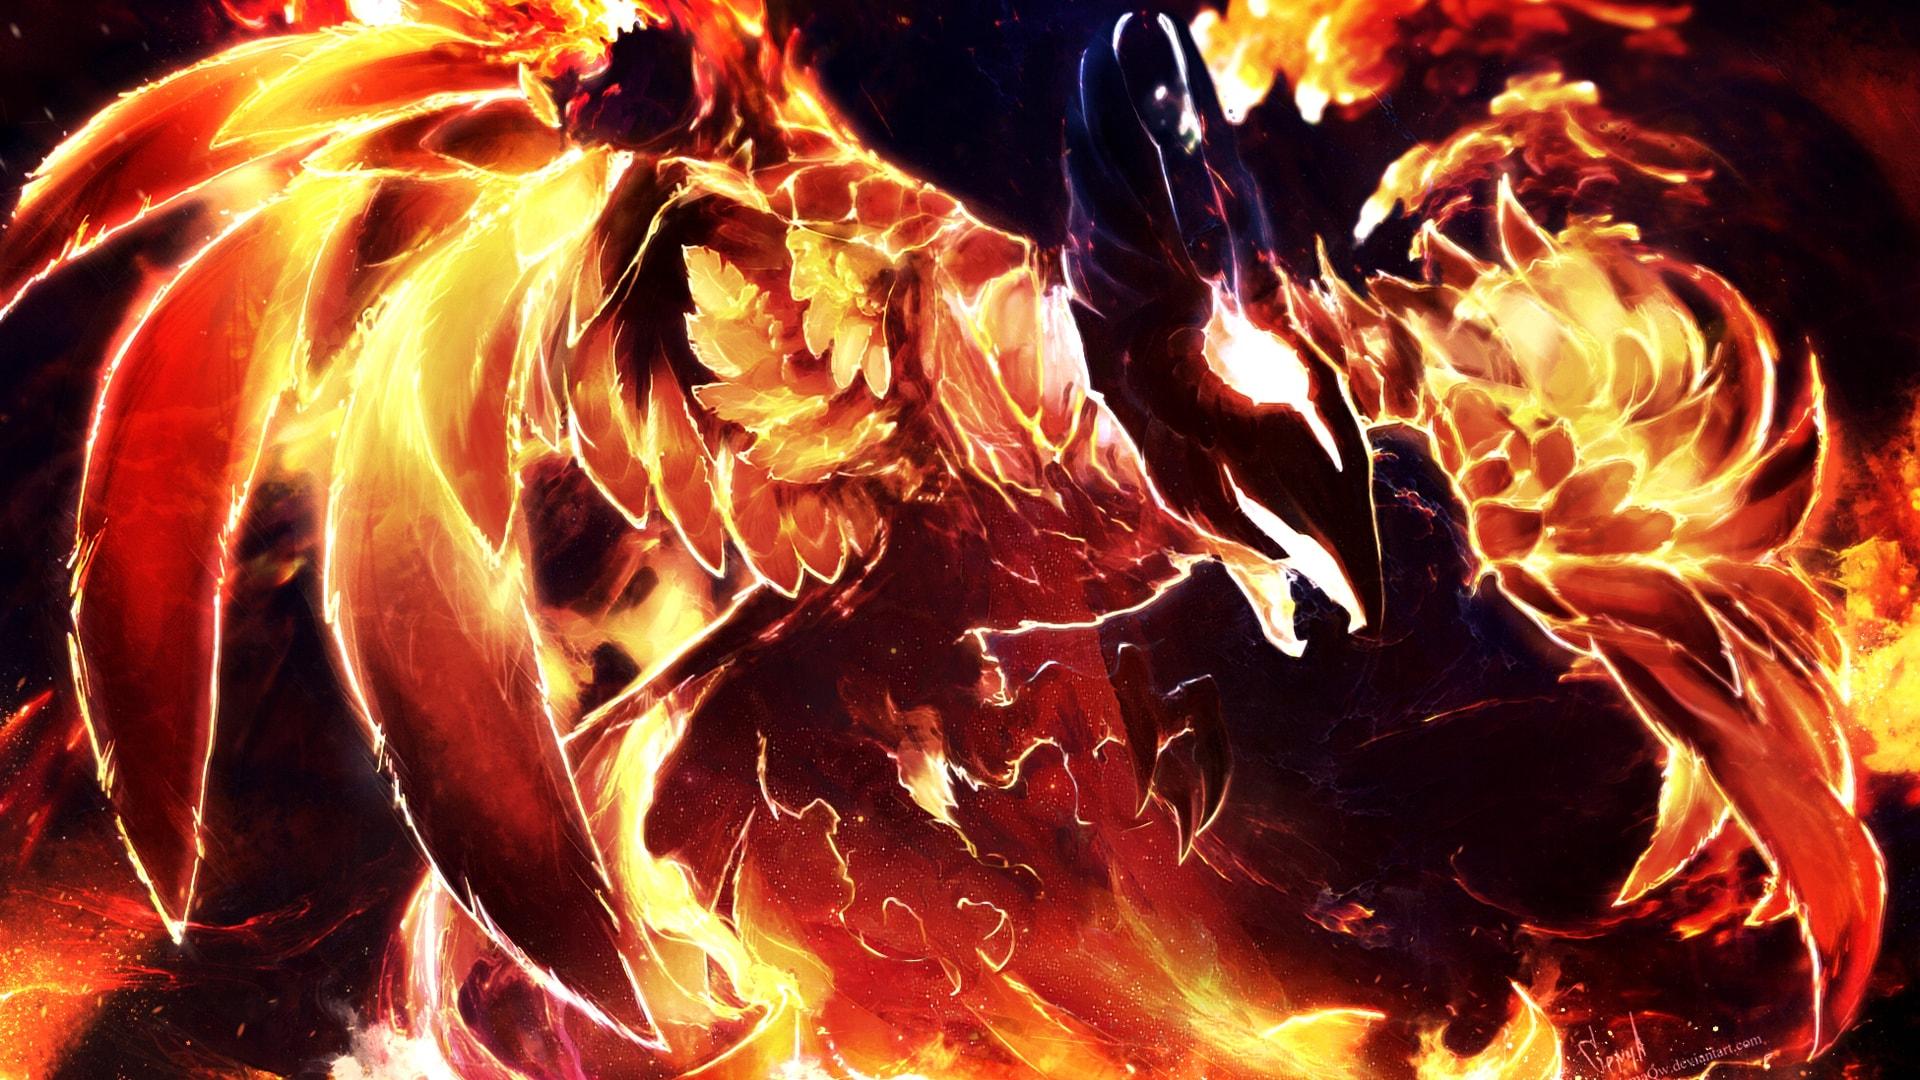 Dota2 : Phoenix Desktop wallpapers